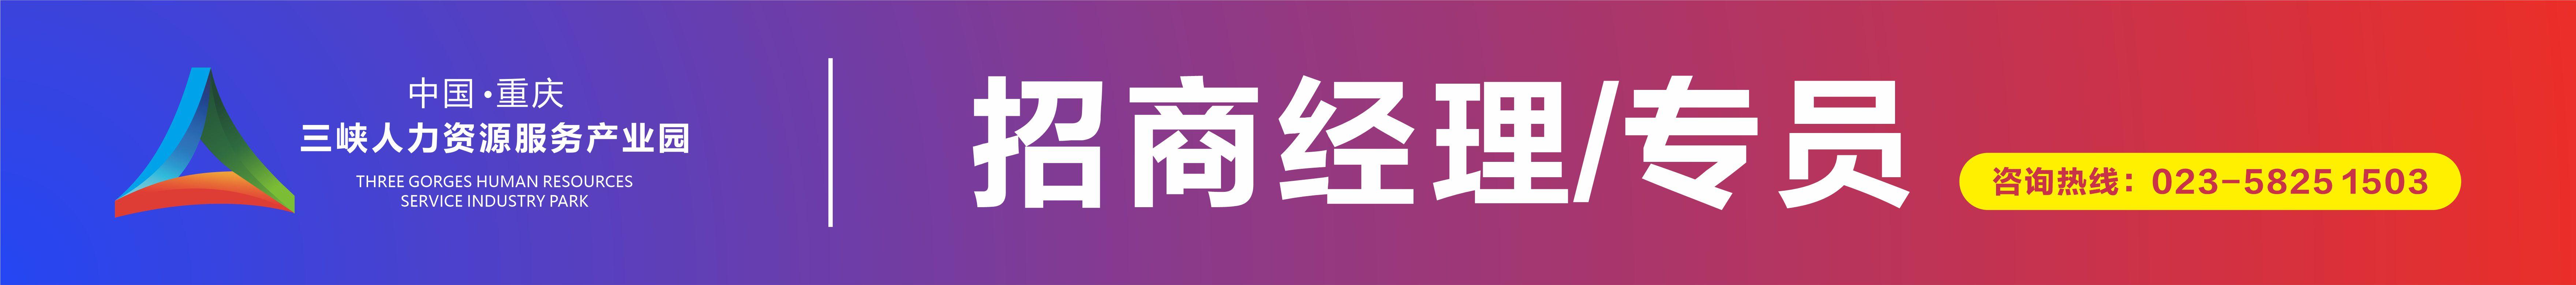 重庆三峡人力资源服务产业园